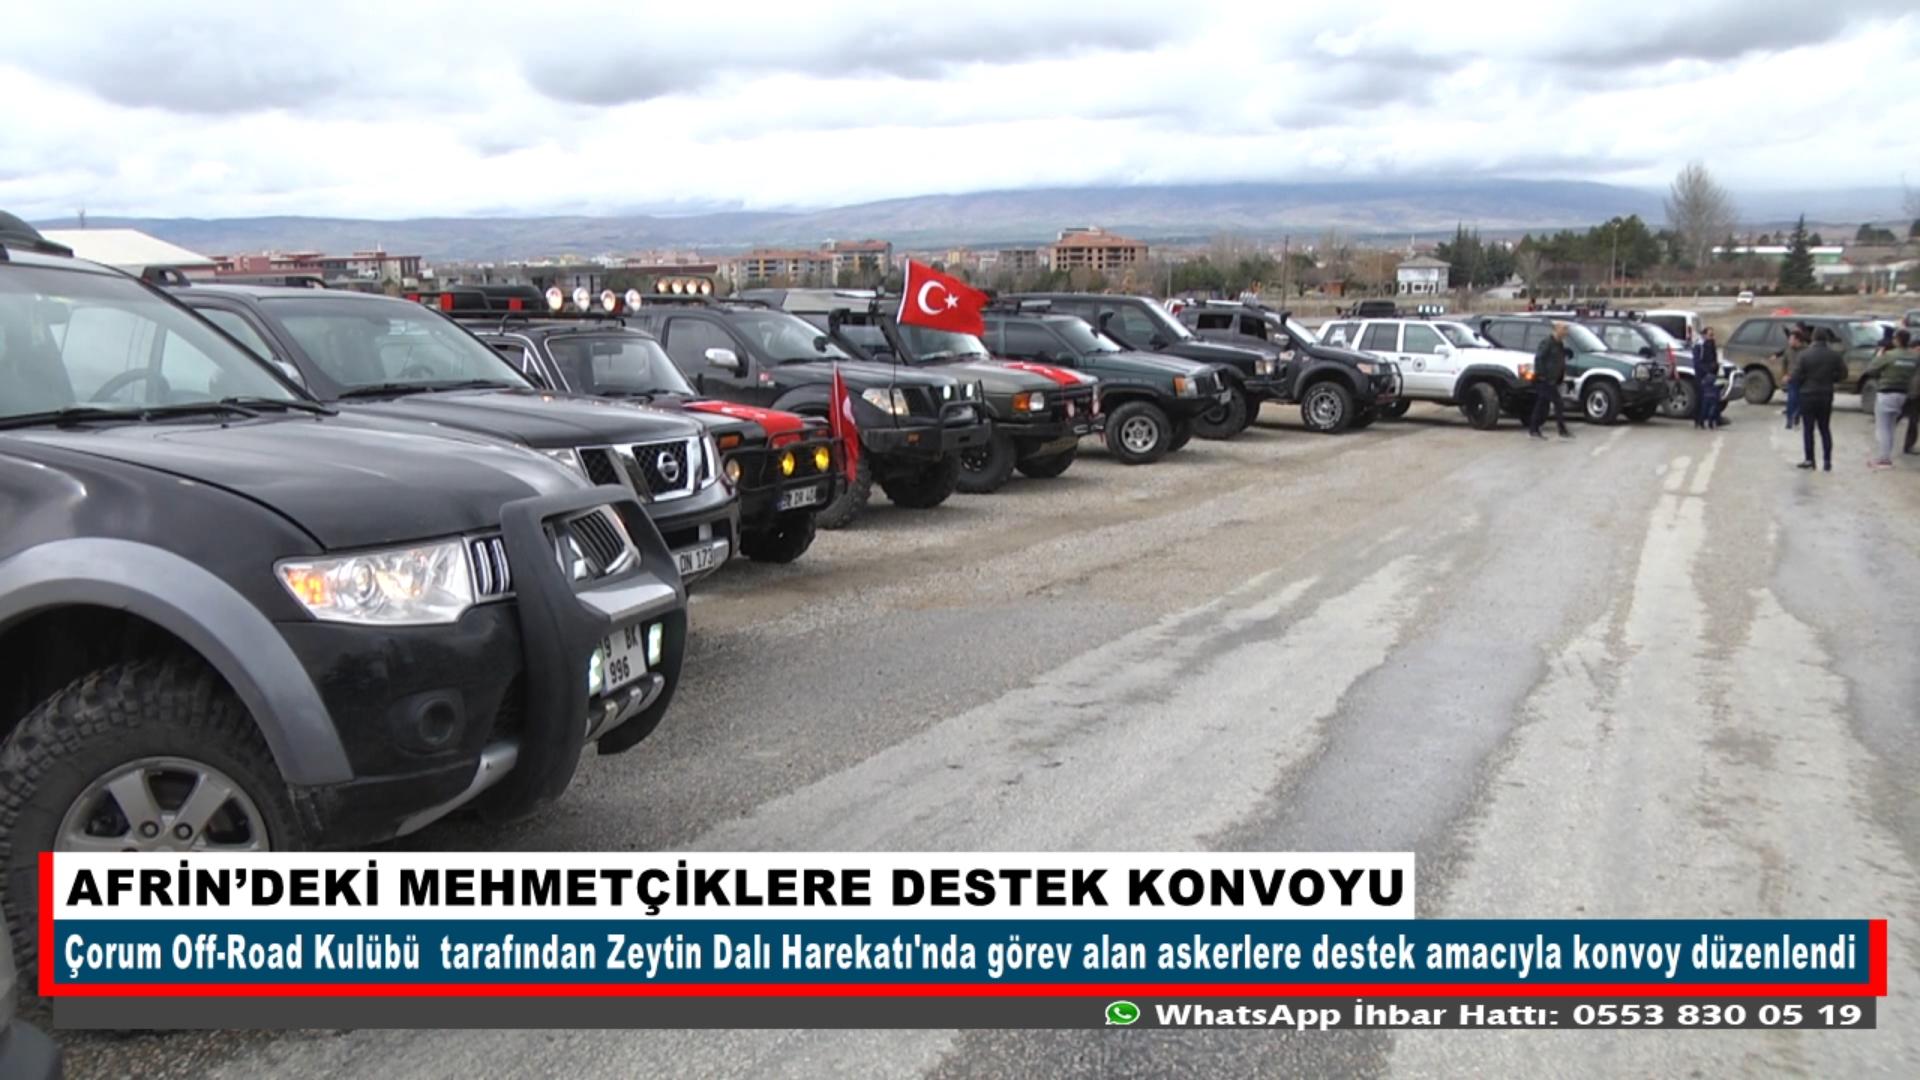 AFRİN'DEKİ MEHMETÇİKLERE DESTEK KONVOYU